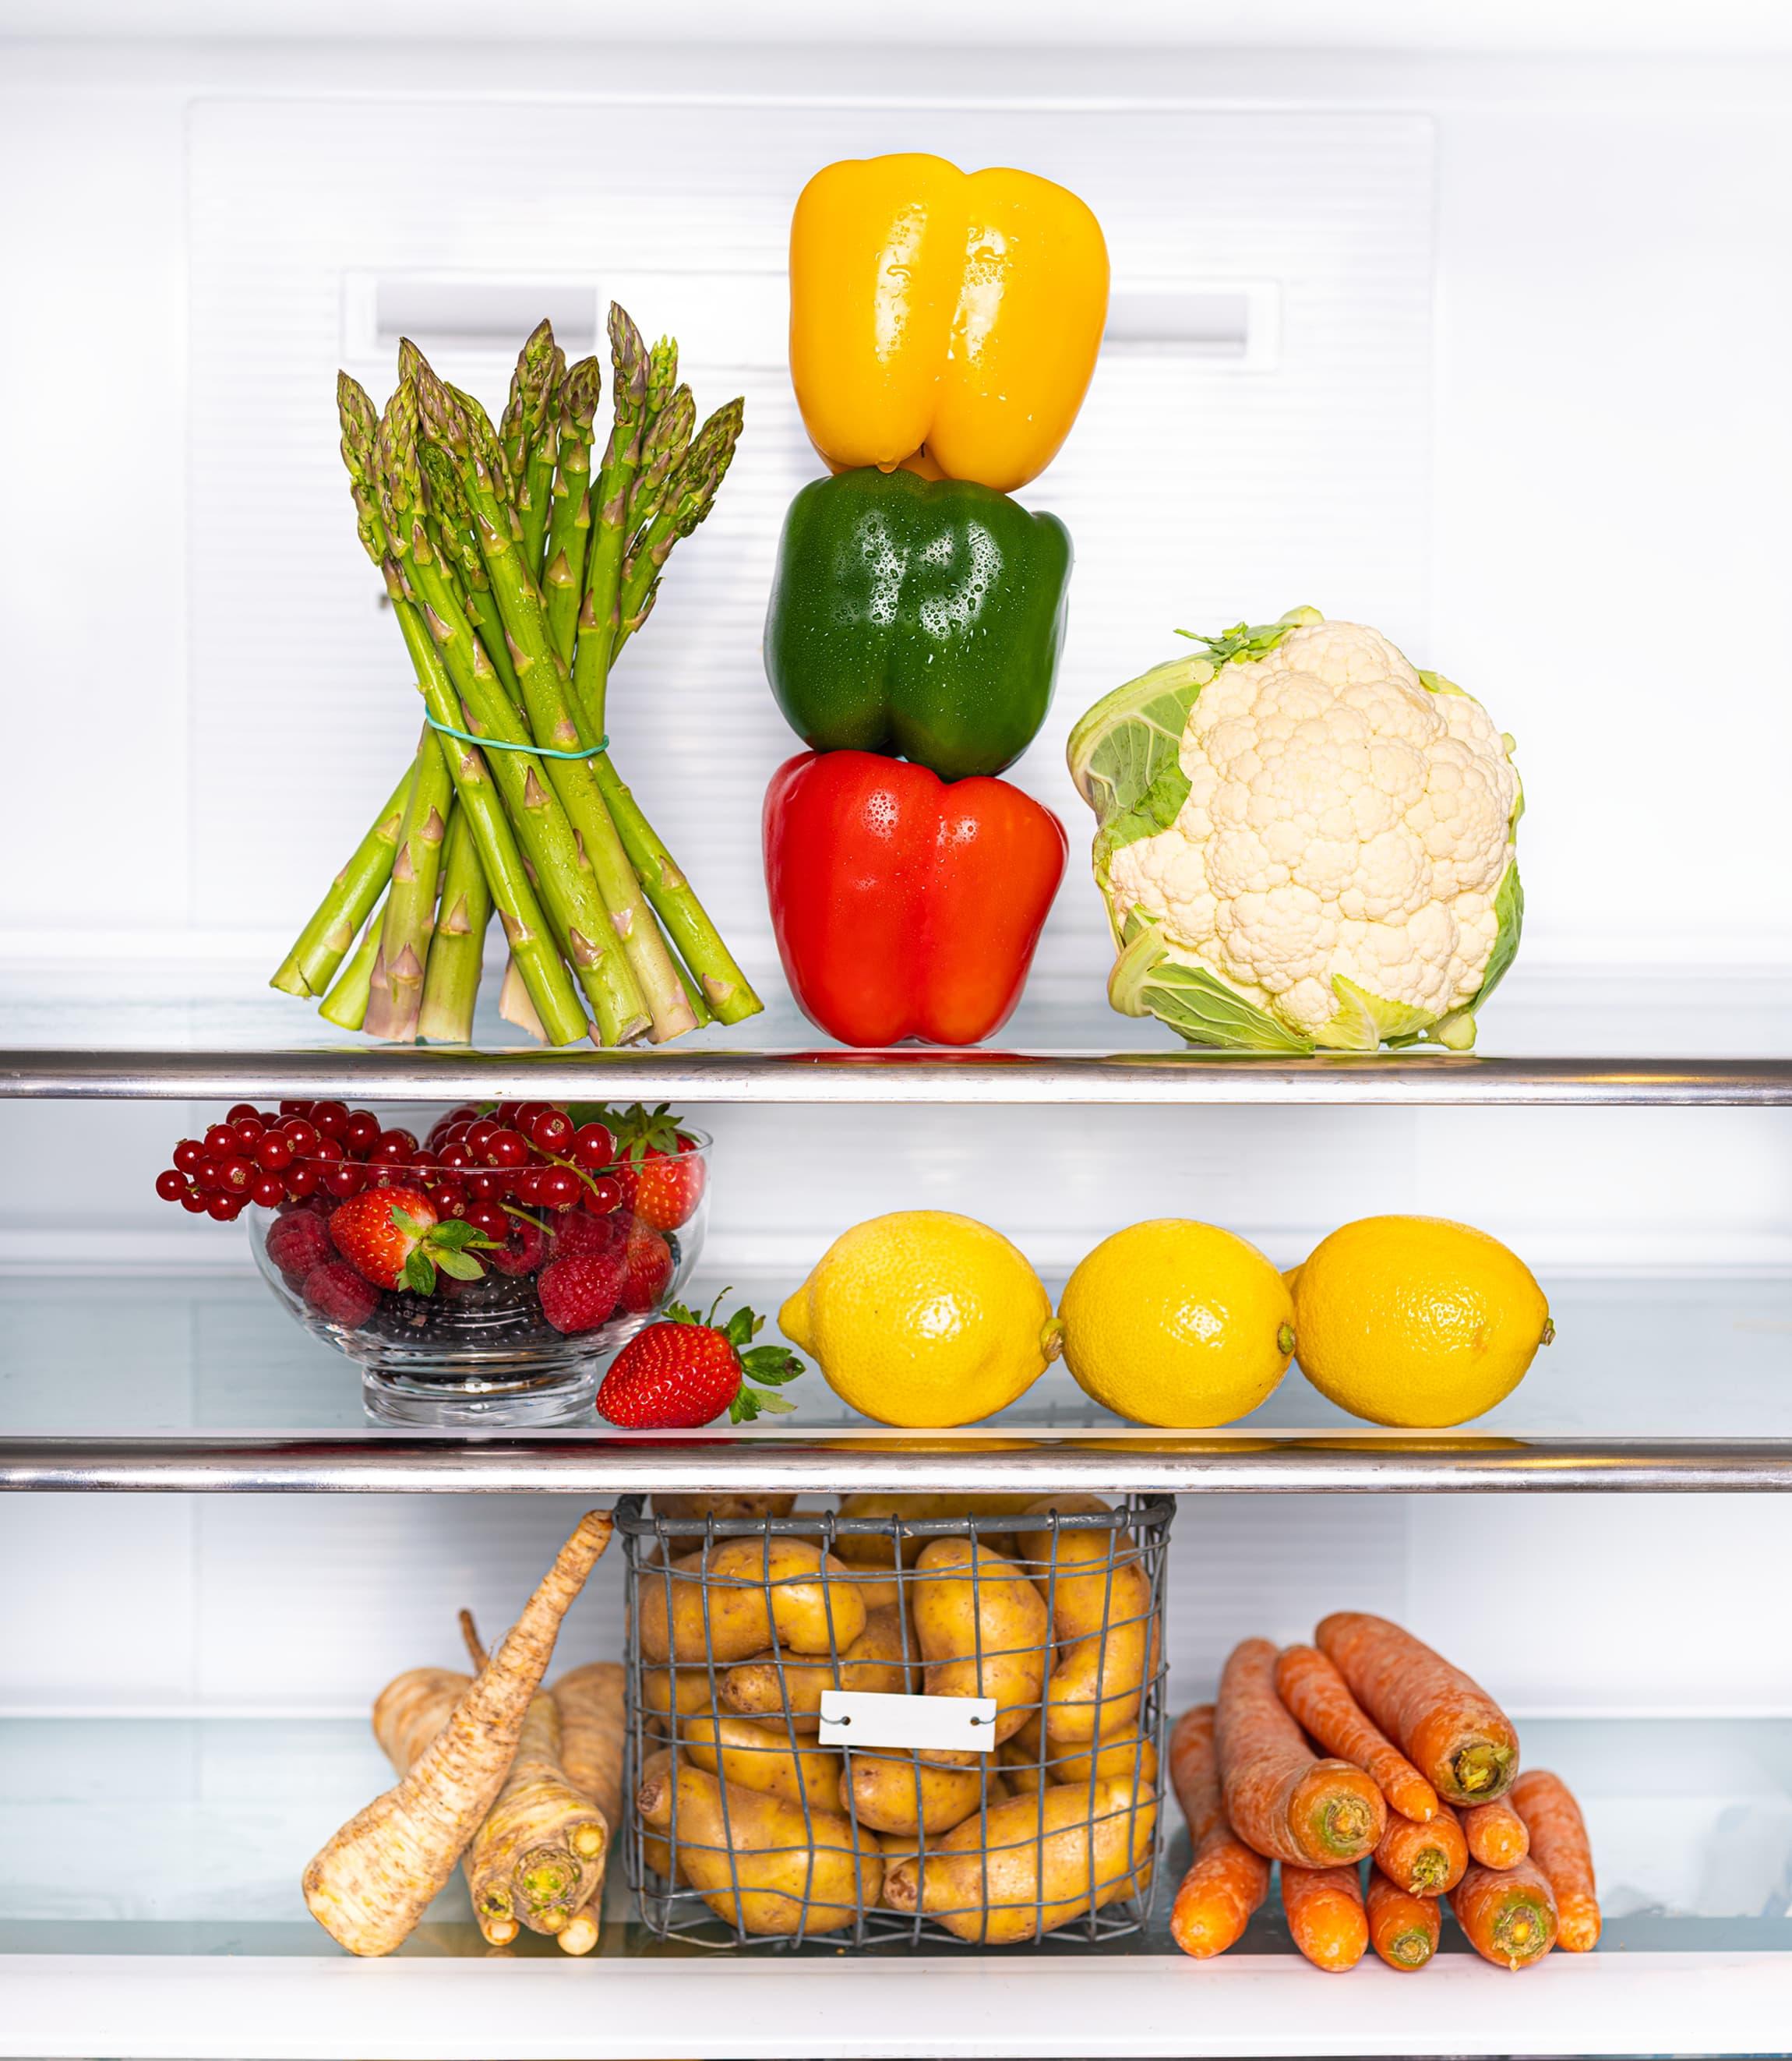 Er kjøleskapet fullt av slappe grønnsaker? Gi de et vannbad så skal du se at de får tilbake spentsen.